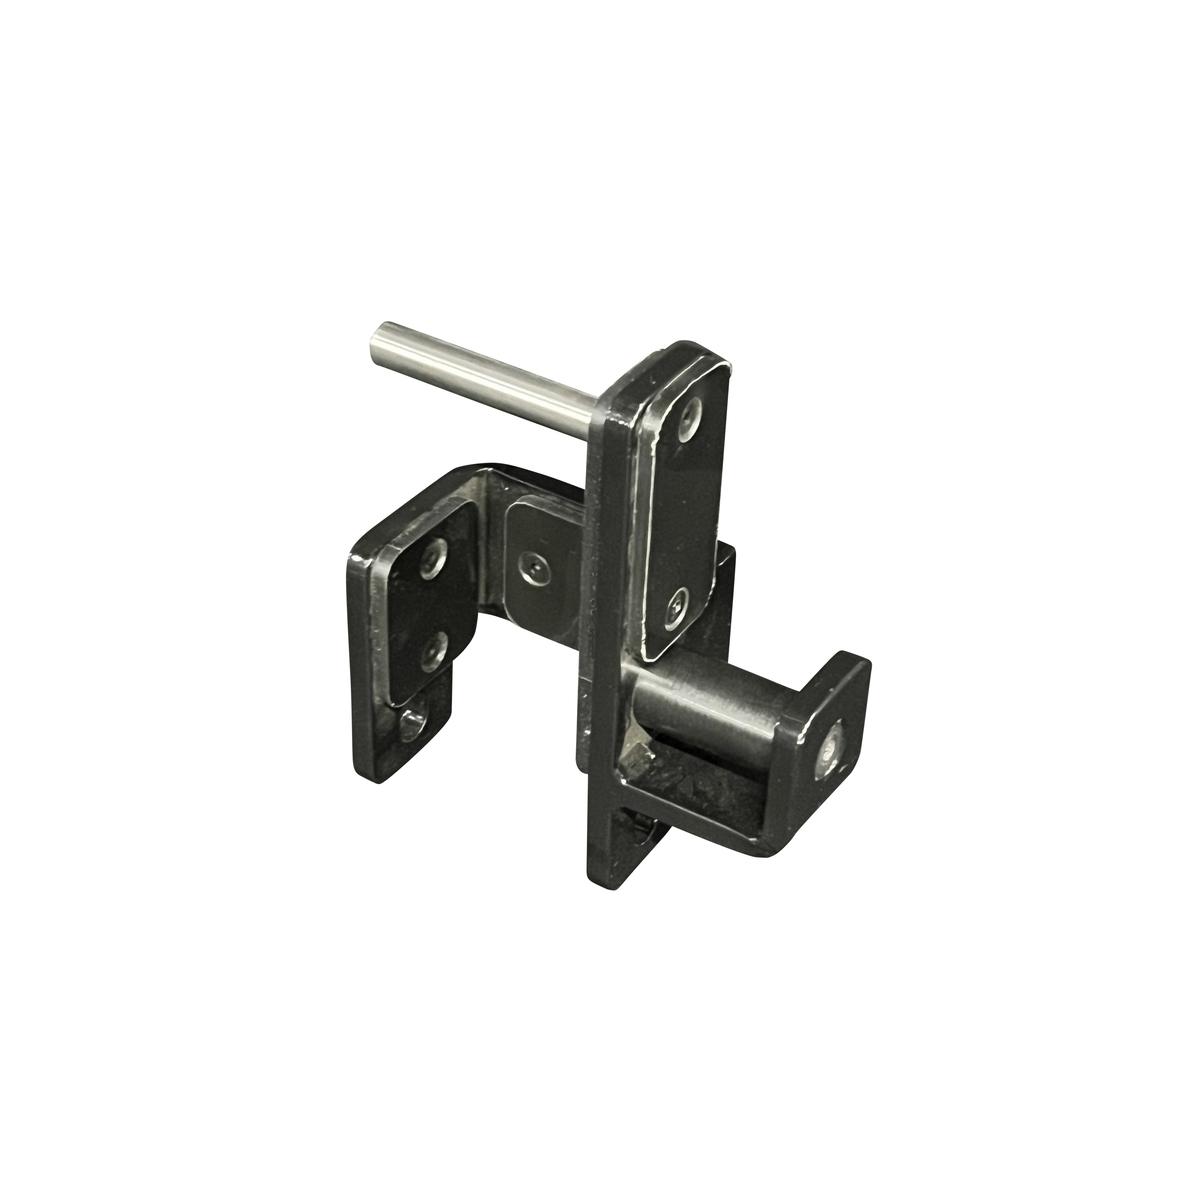 【予約販売】ローラーJフック ONI ハーフラック パワーラック専用オプション 2個1組